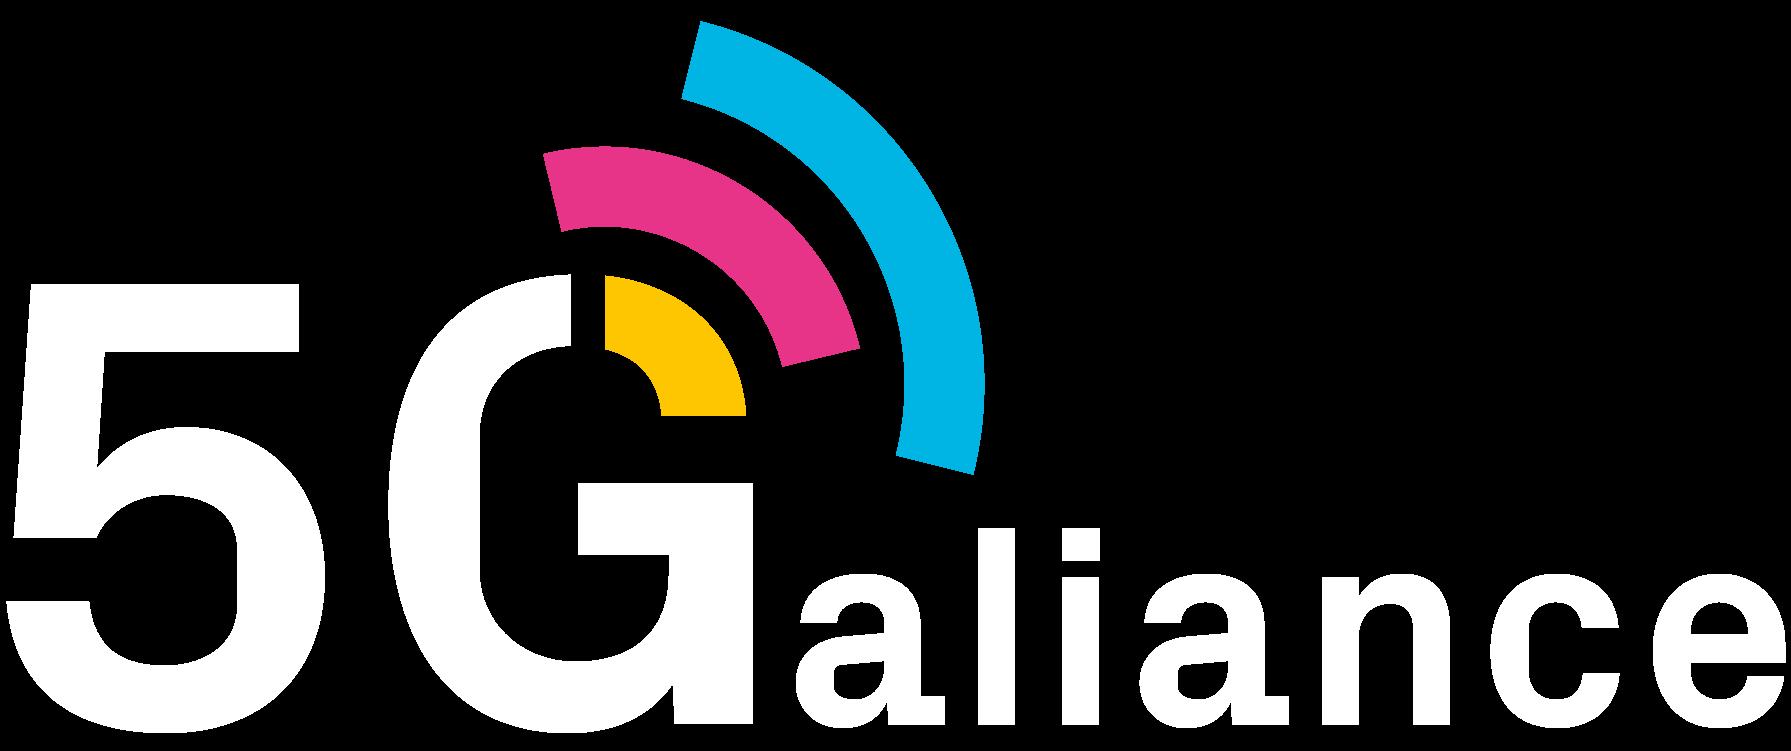 5G aliance – Vstříc vysokorychlostní budoucnosti